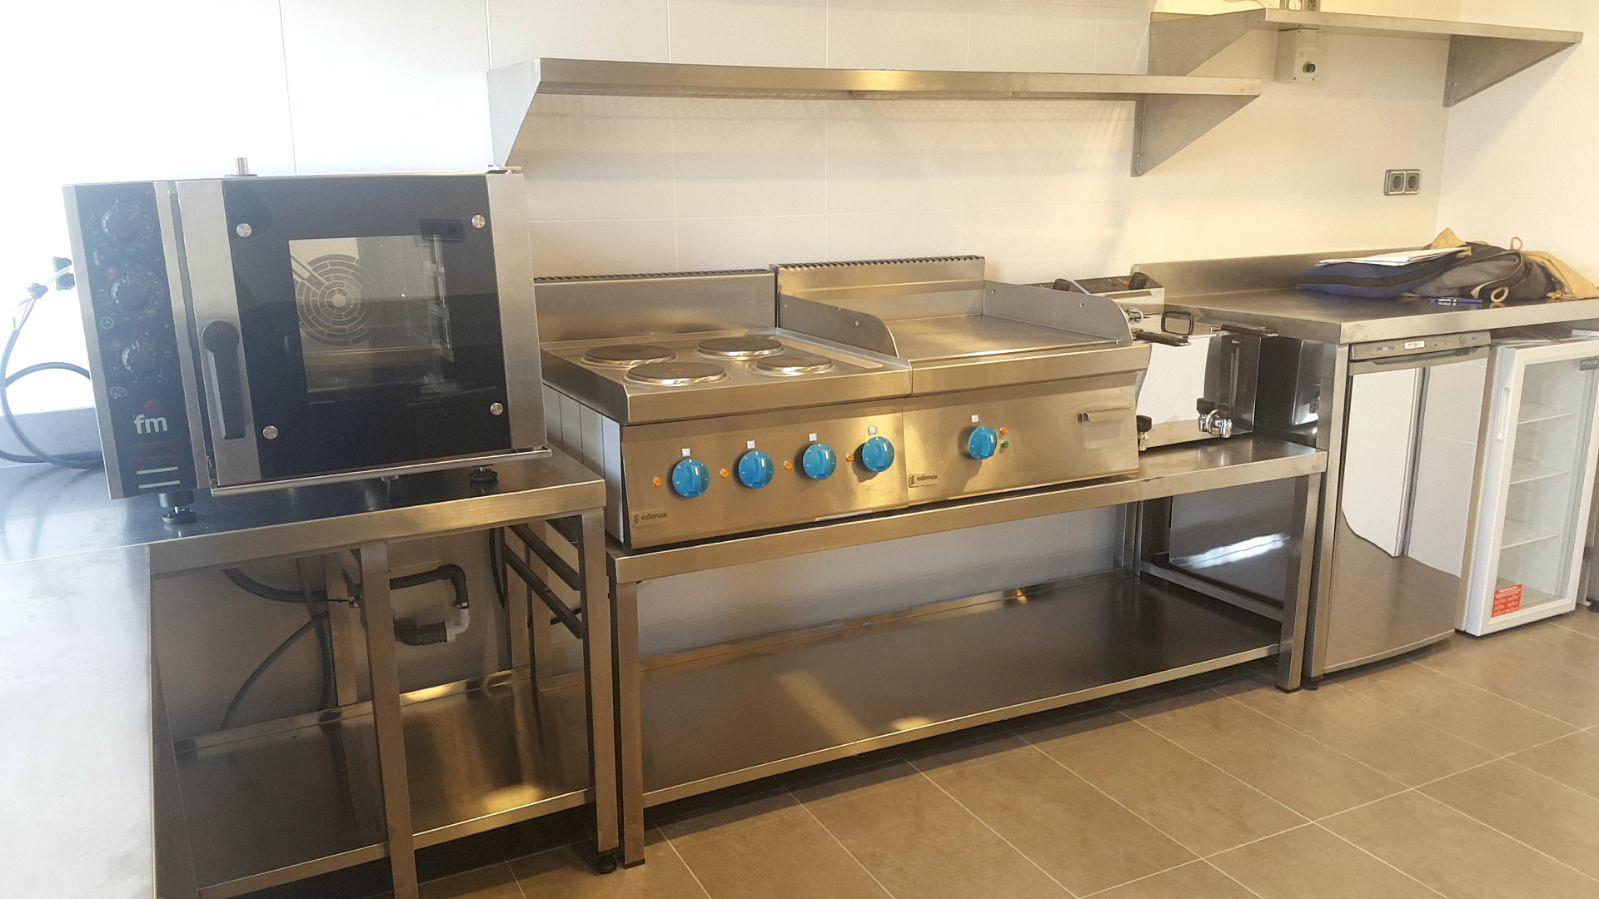 diseño-fabricacion-cocina-mobiliario-maquinaria-direccion-banco-popular-acero-inoxidable-madrid-accesorios1